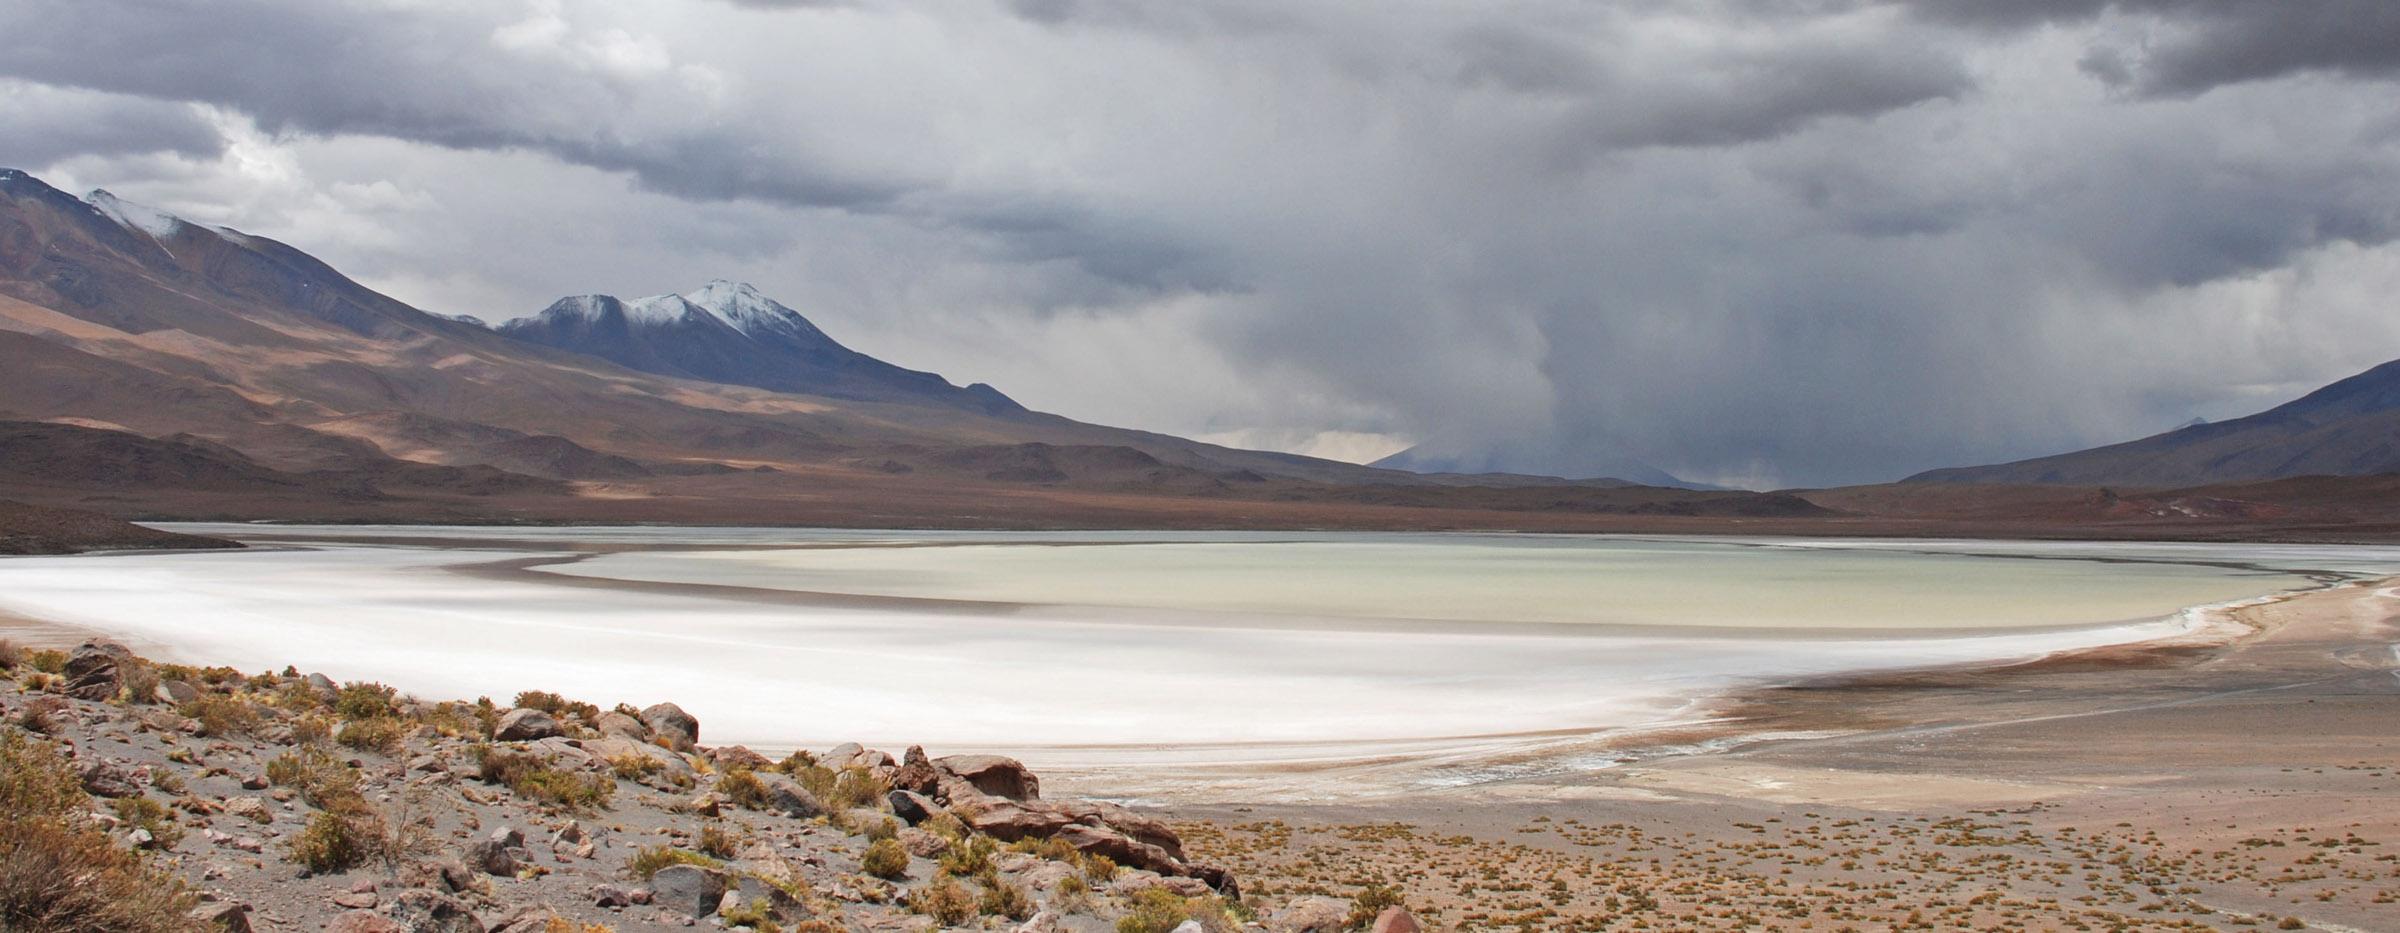 Potosi, Bolivia - by Gerben van Heijningen